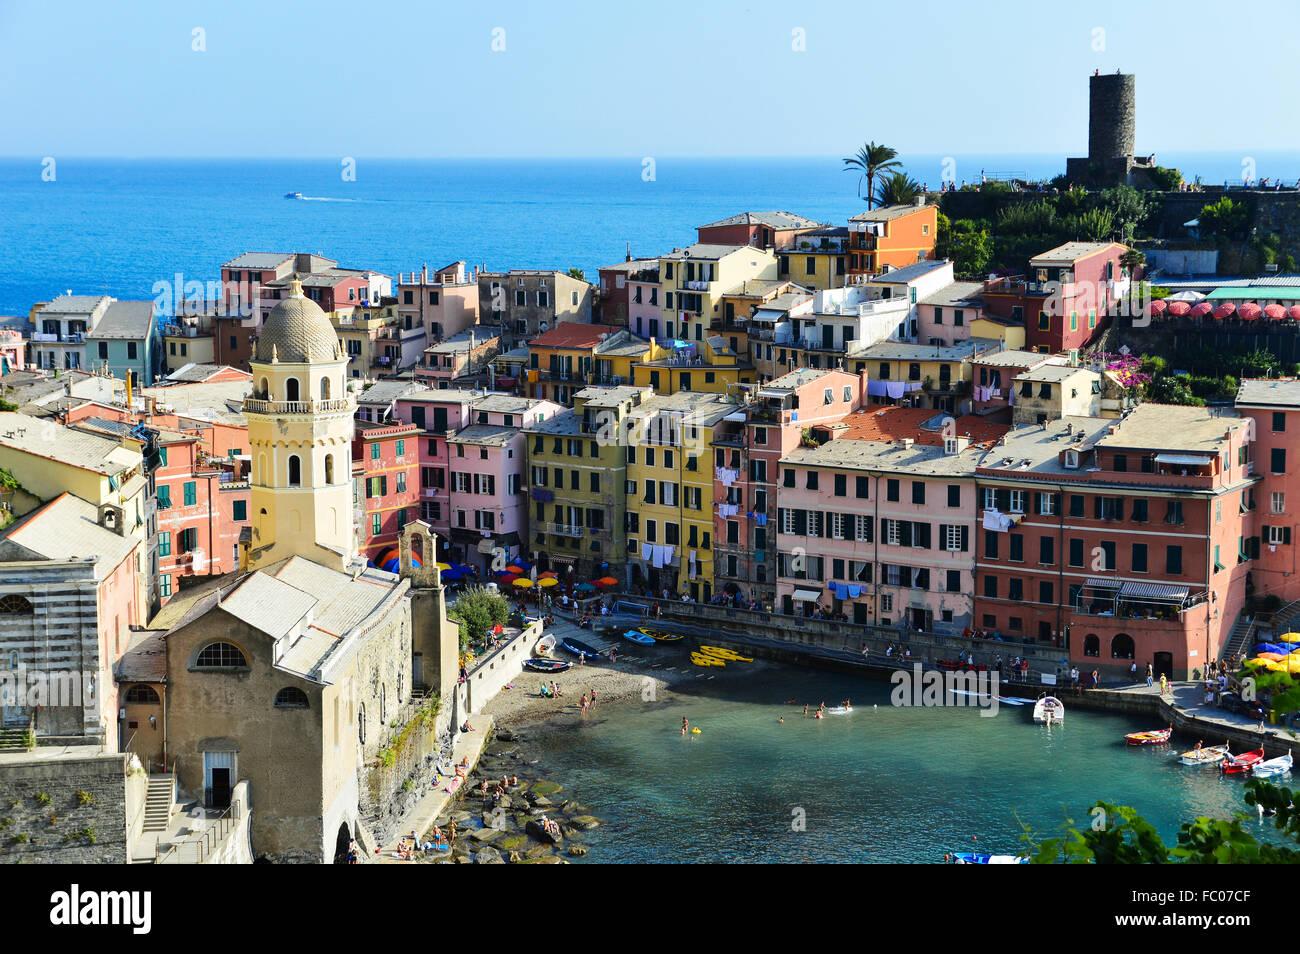 Mediterrane Architektur traditionelle mediterrane architektur vernazza stockfoto bild